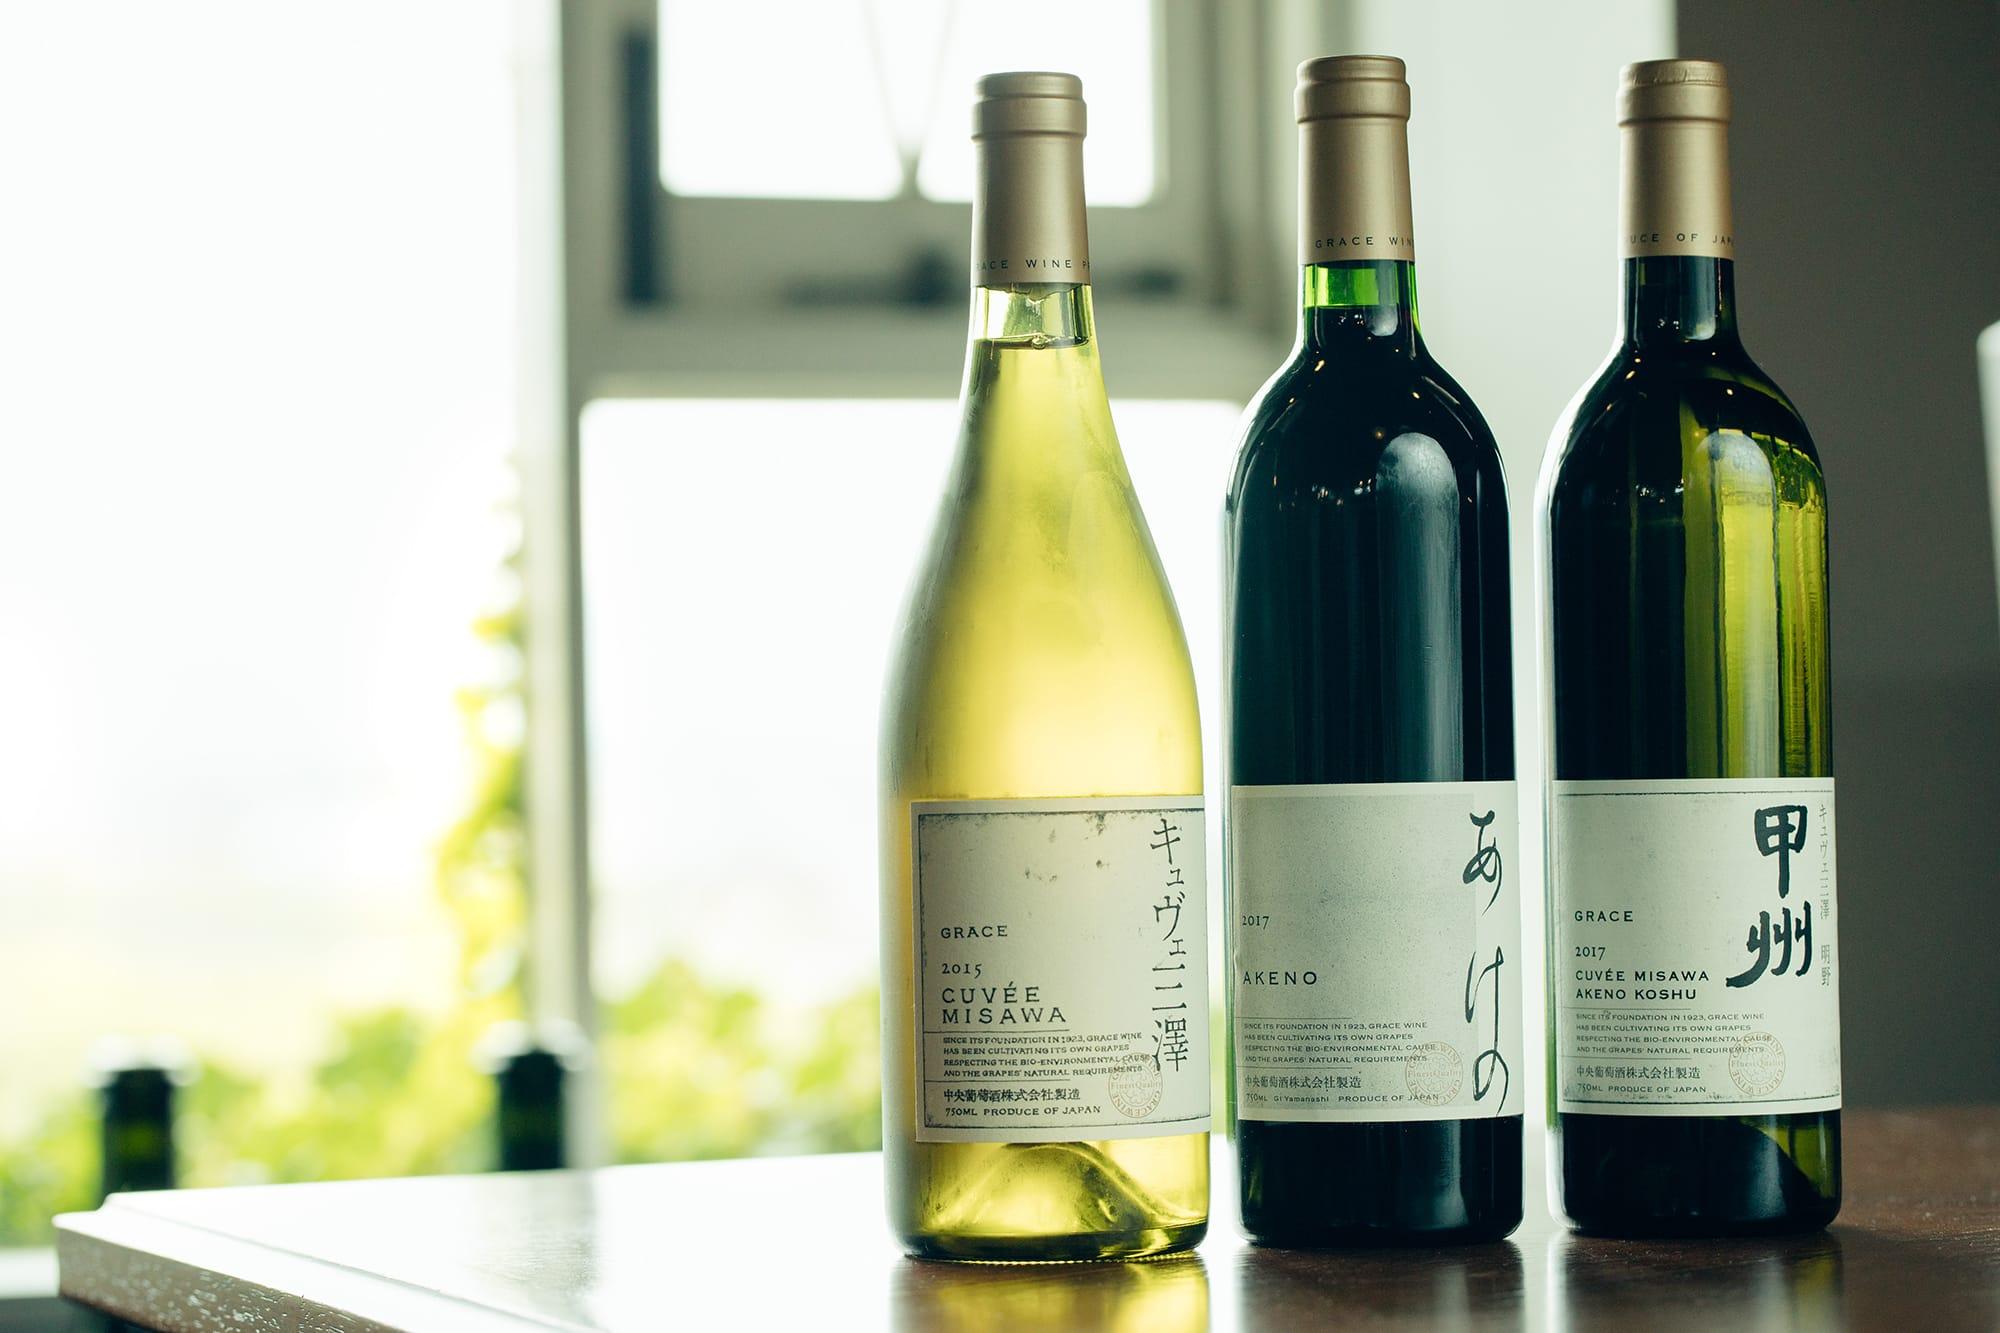 (右)2014年のDWWAで金賞を受賞したものと同じ「キュヴェ三澤 明野甲州」。(中央)新登場の「あけの」。現在、赤ワインは品種よりも産地の個性を表現する方向で、三澤農場の最高峰「キュヴェ三澤」のセカンドラベルの役割を果たす。メルロー、カベルネ・ソーヴィニヨン、カベルネ・フラン、プティ・ヴェルドをブレンドした、ボルドースタイルの赤。(左)90年代から高い評価を得る「キュヴェ三澤」の白。シャルドネ100パーセント。全てラベルデザインはグラフィックデザイナーの原研哉によるもの。